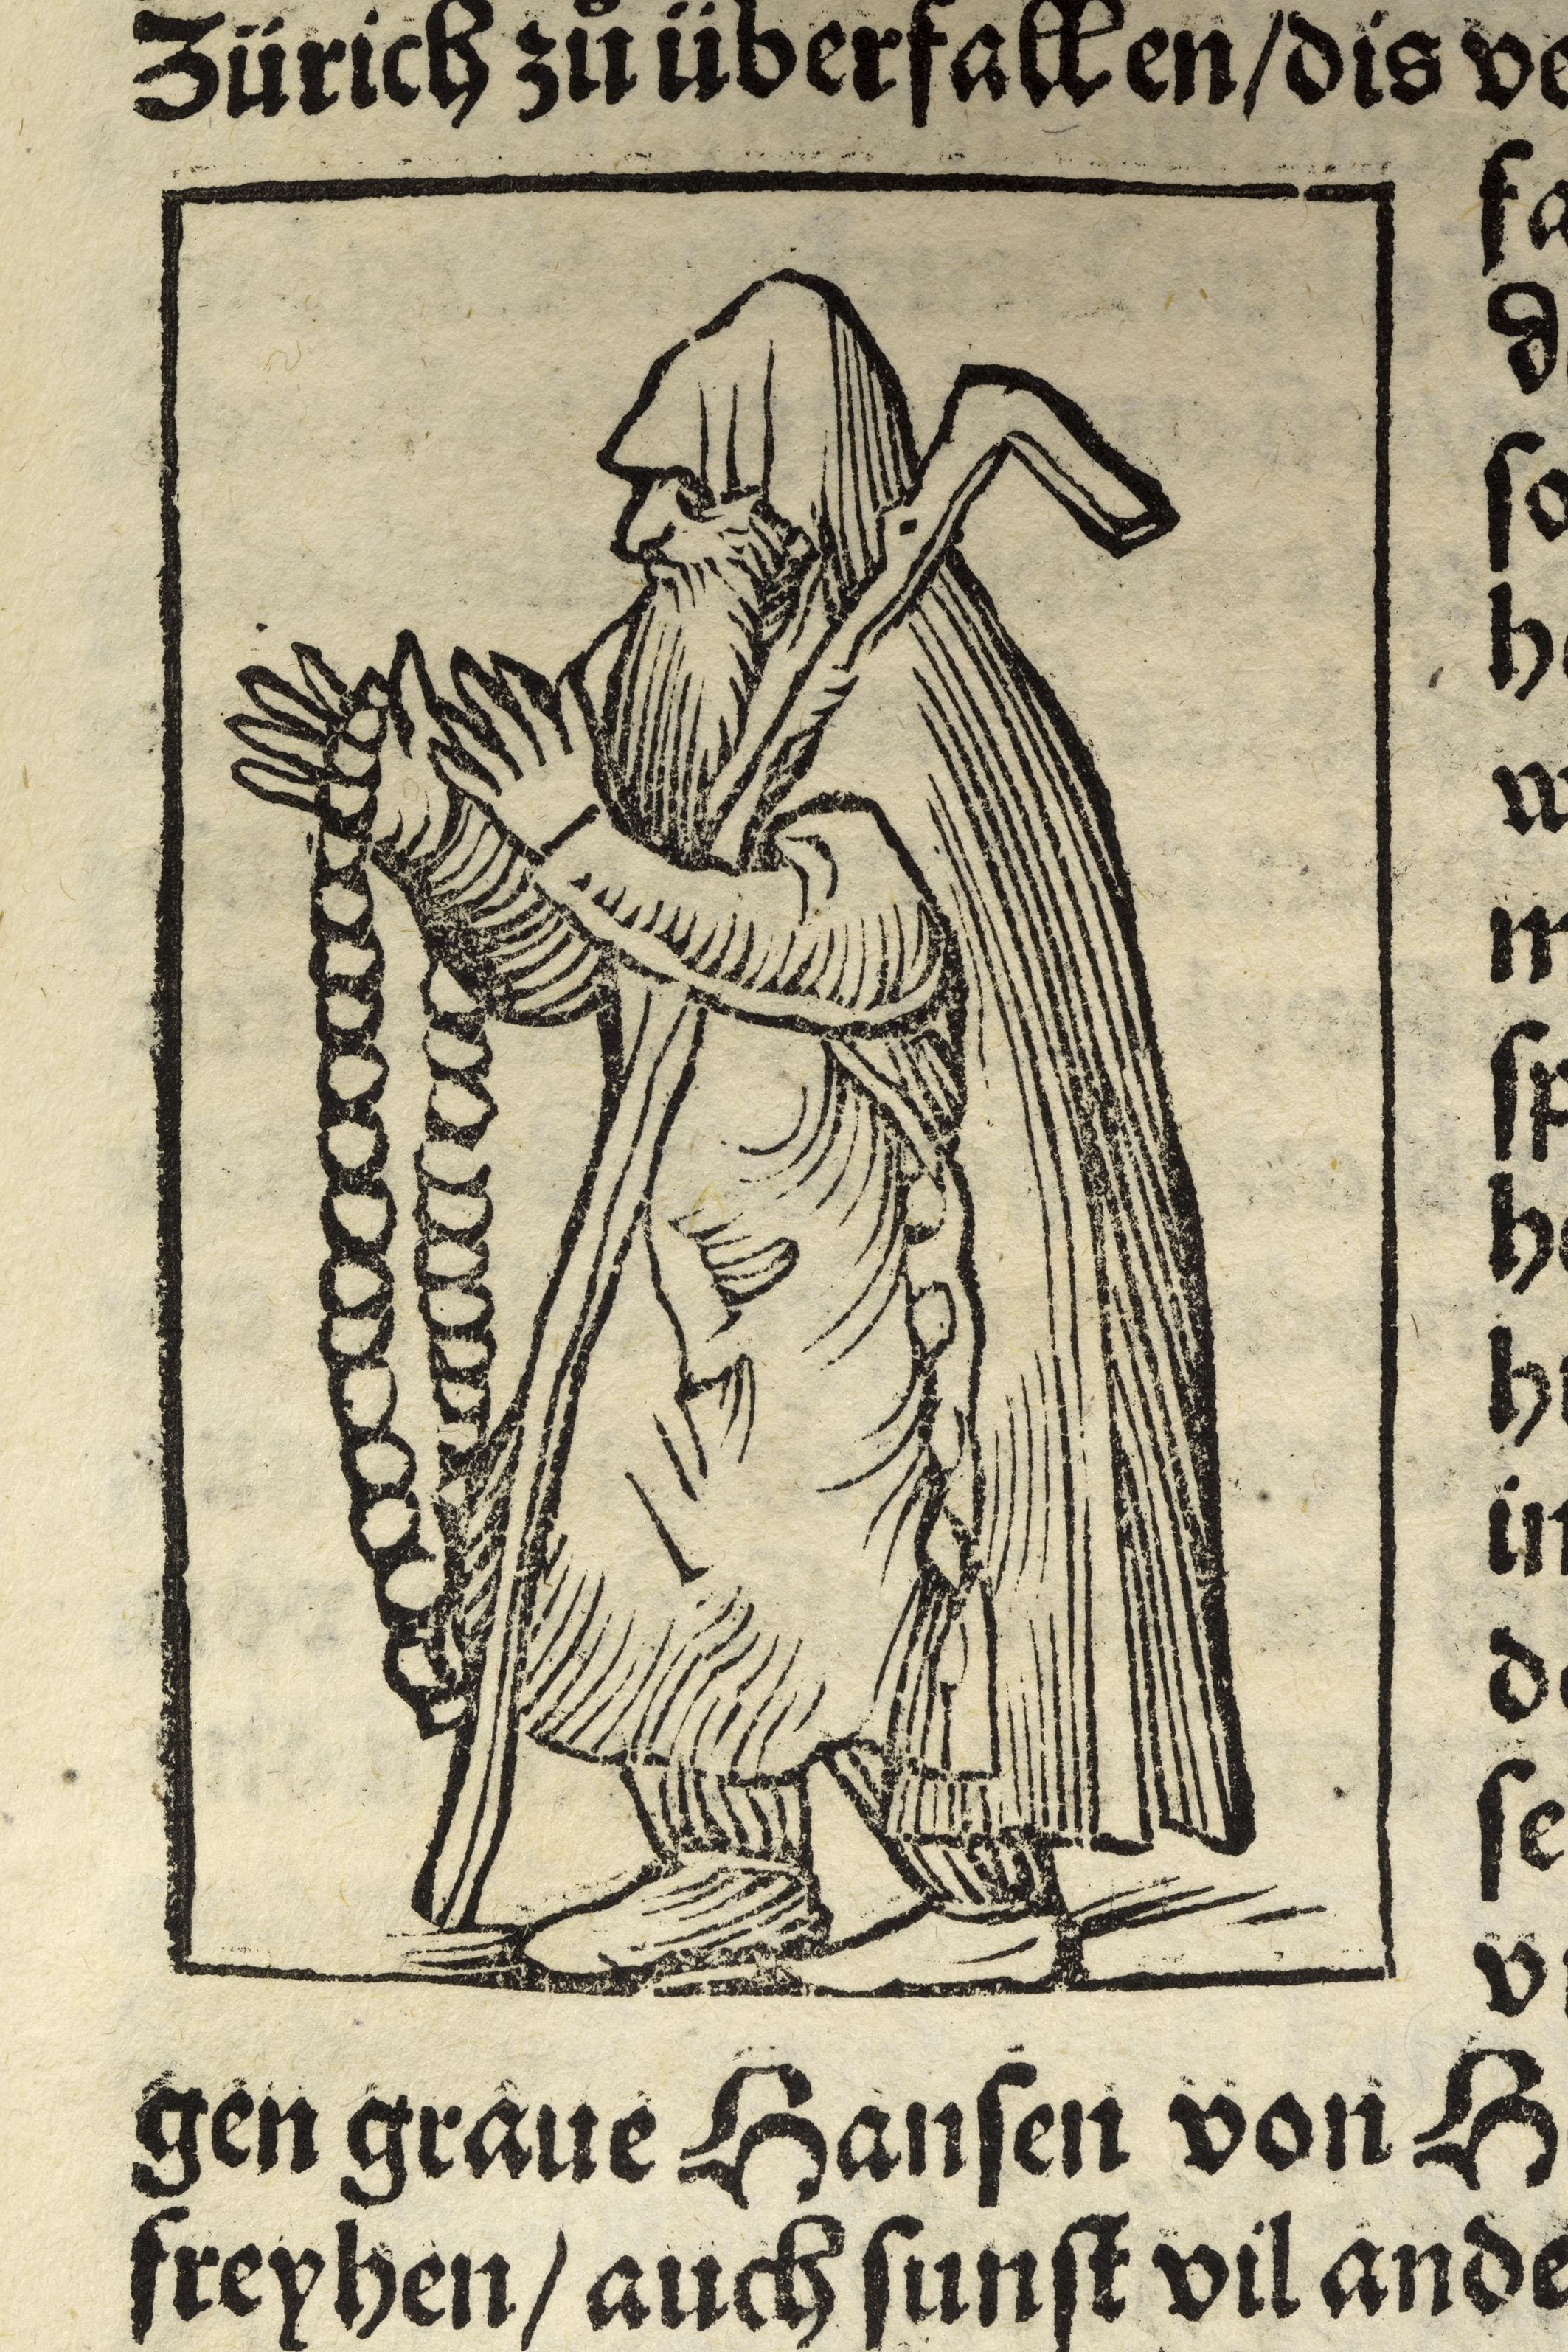 BT3.187.1, p.ccxlv, Sebastian Munster's Cosmographia, 1544